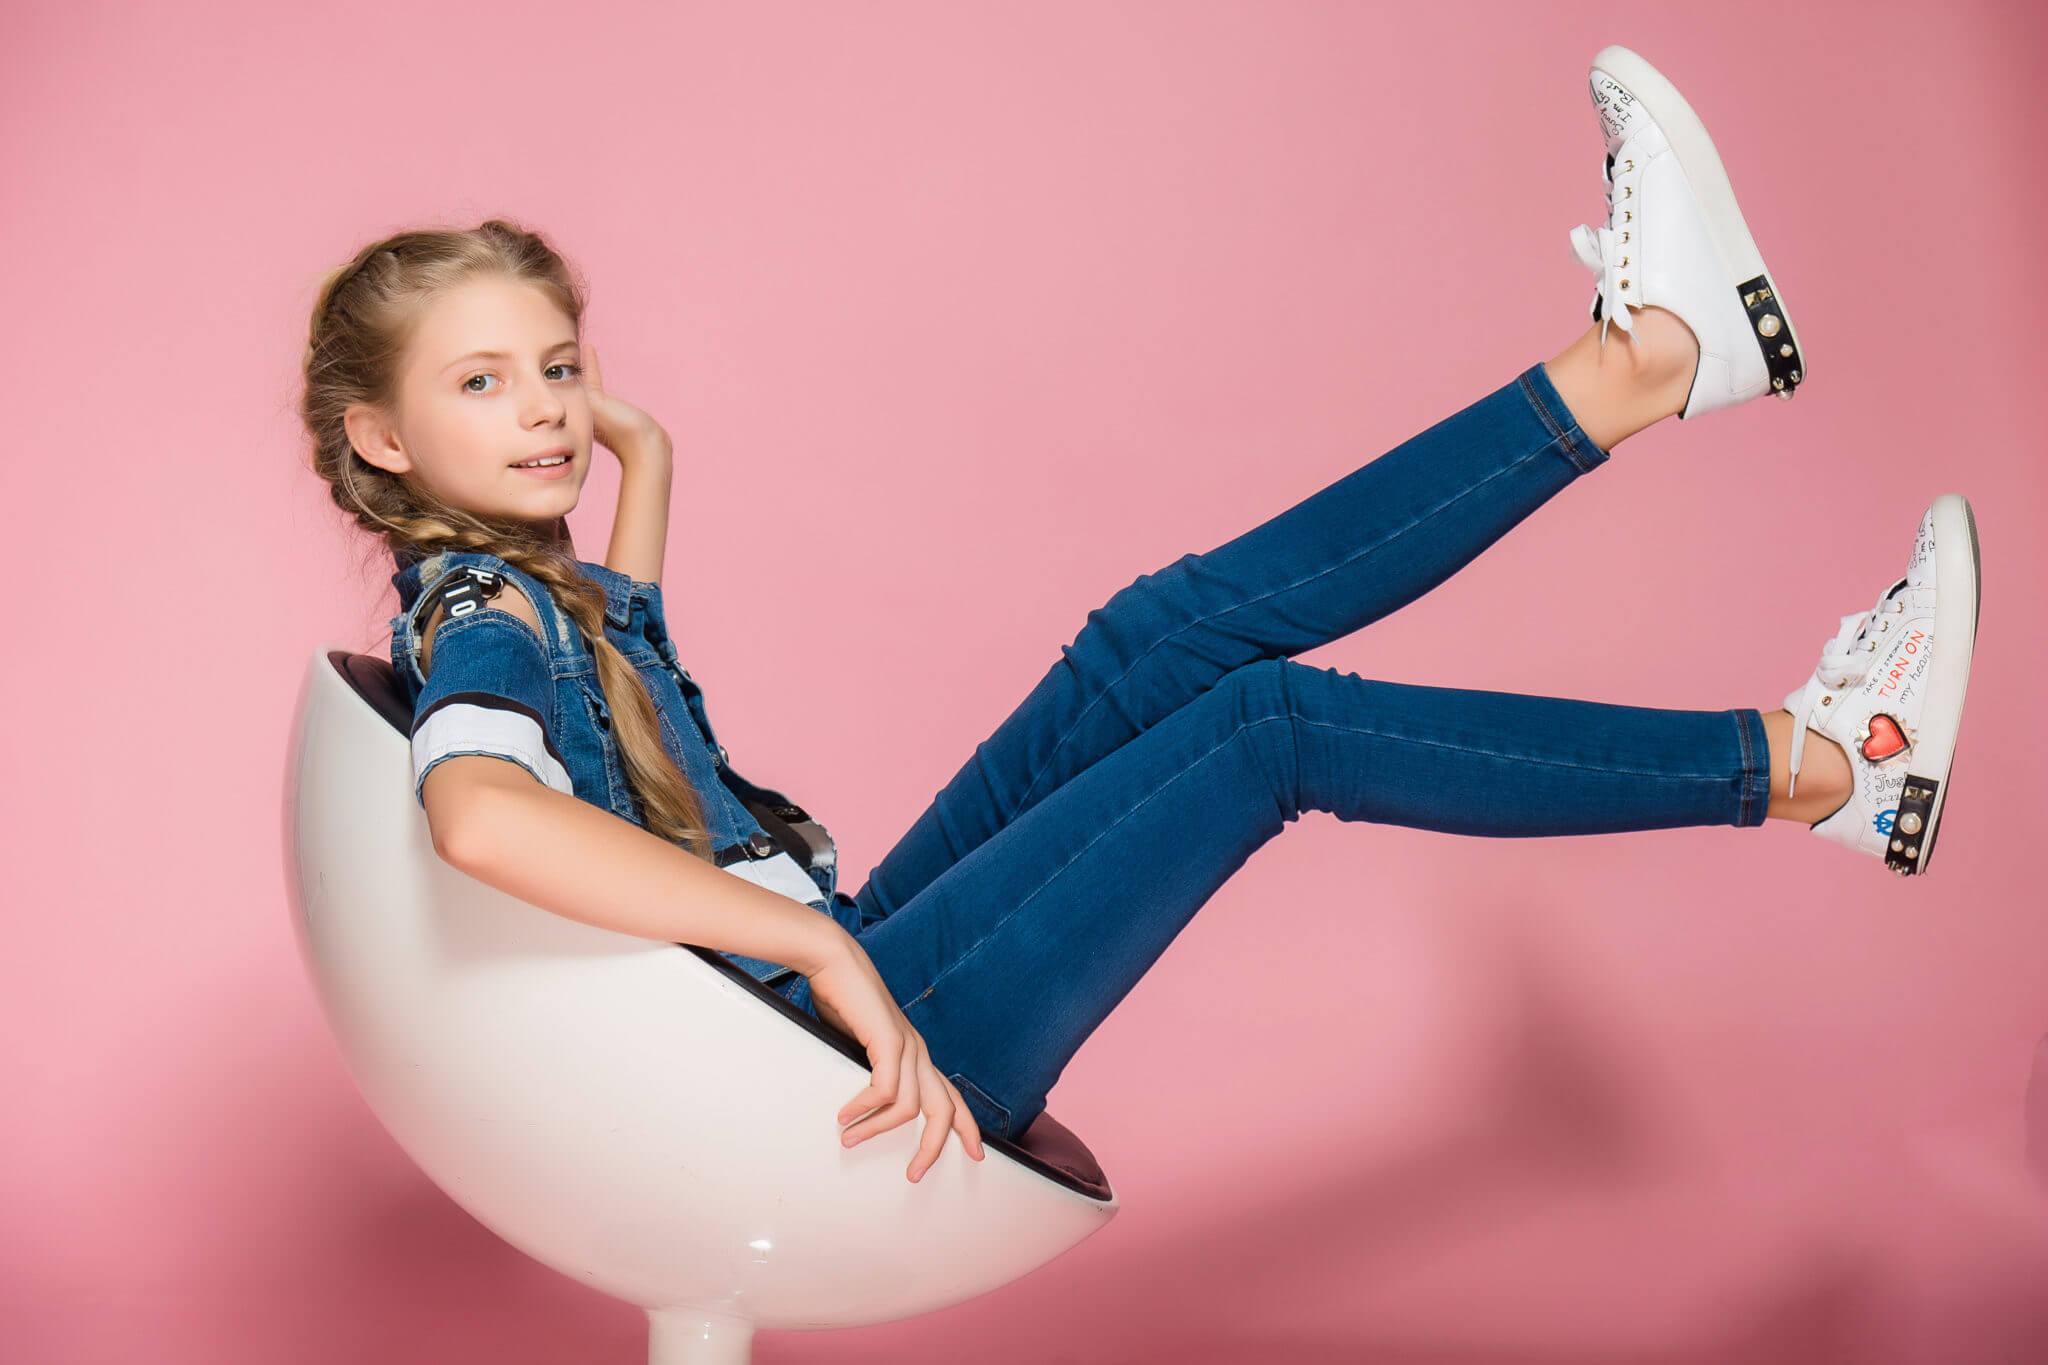 Детская фотосессия, KidsTop100, фото Постникова А., девочка на стуле на розовом фоне